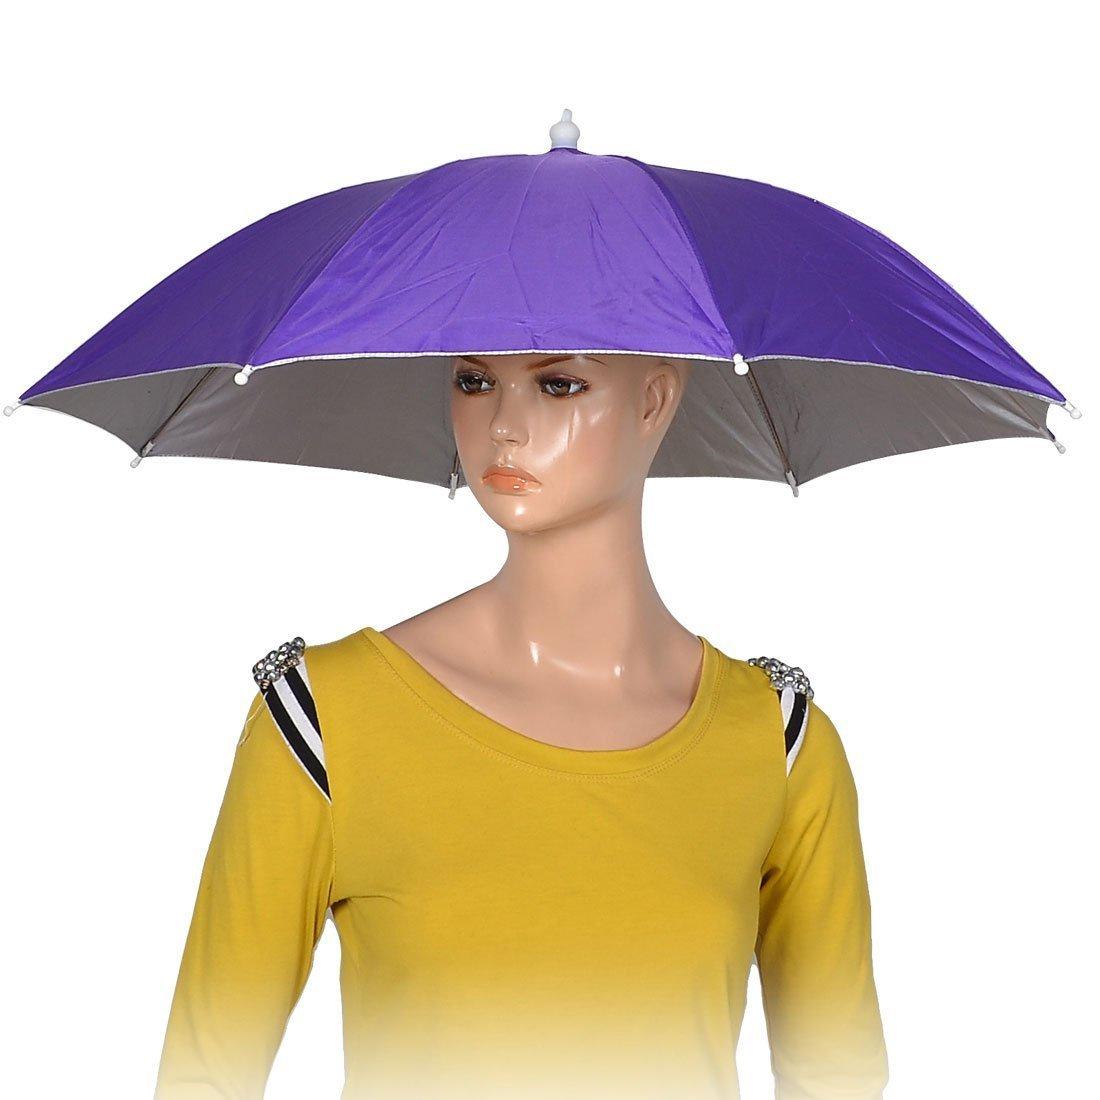 Púrpura 8 costillas de pesca poliéster sombrero paraguas sombrero de lluvia del sol: Amazon.es: Deportes y aire libre